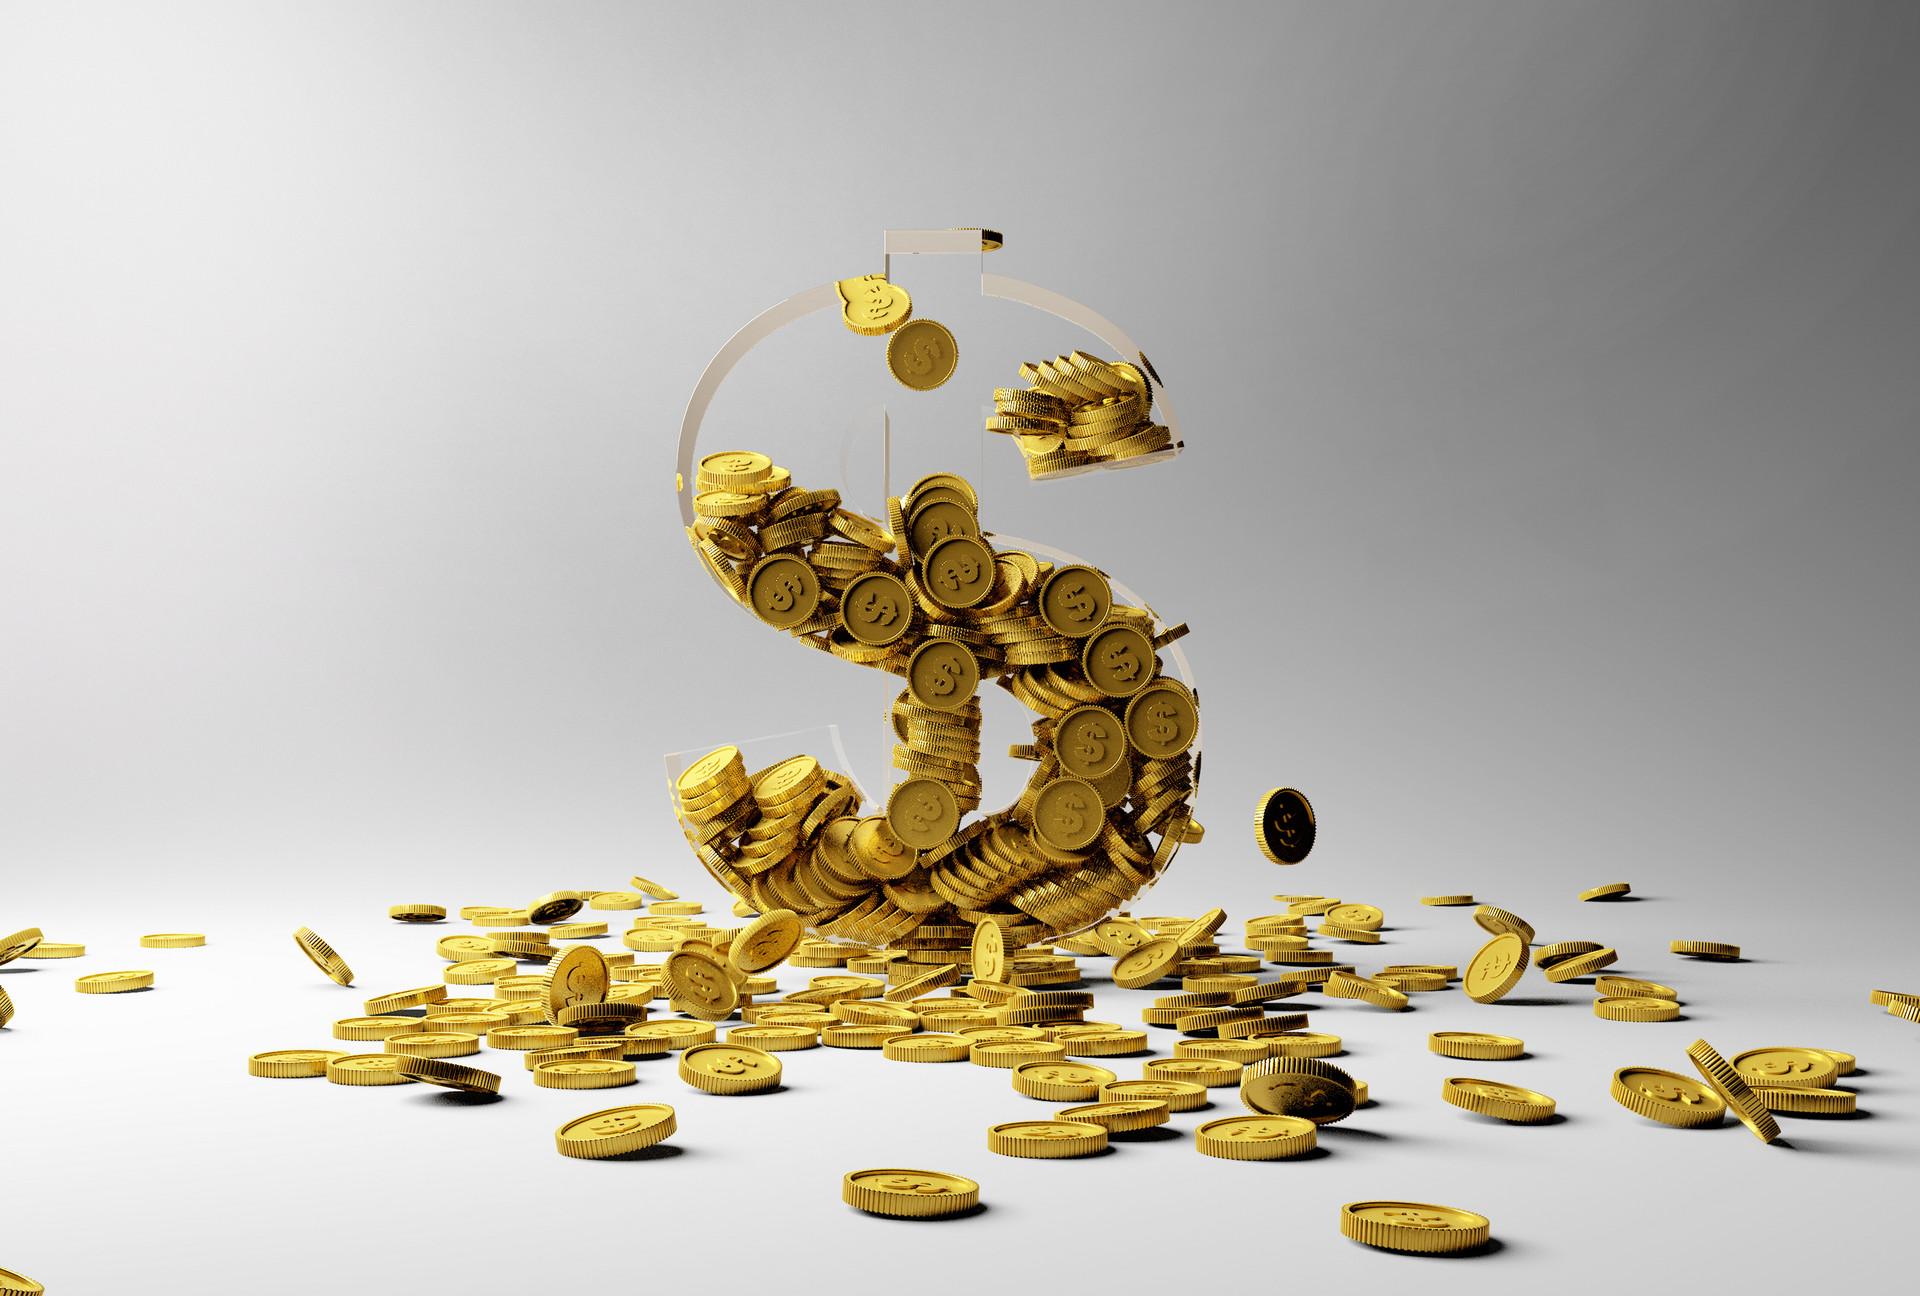 企业薪资代发的利弊分别是什么?